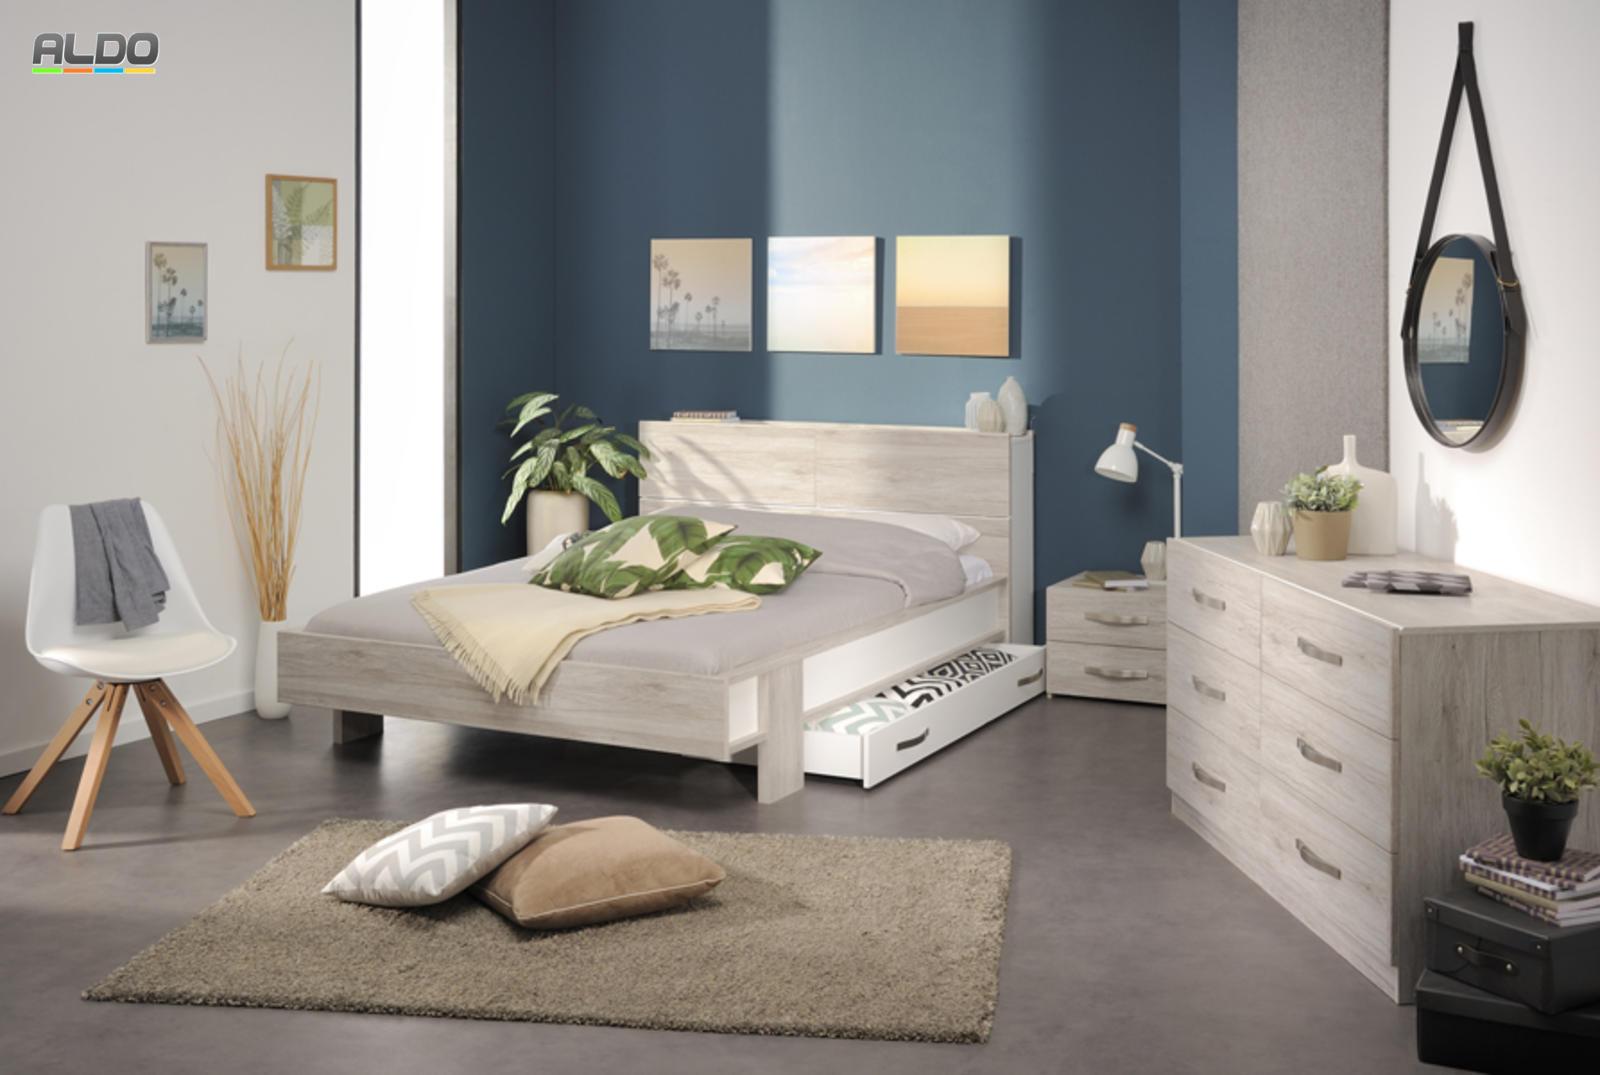 postel-s-prostorem-na-luzkoviny-brera-3811l140_5225_6-d8308e91